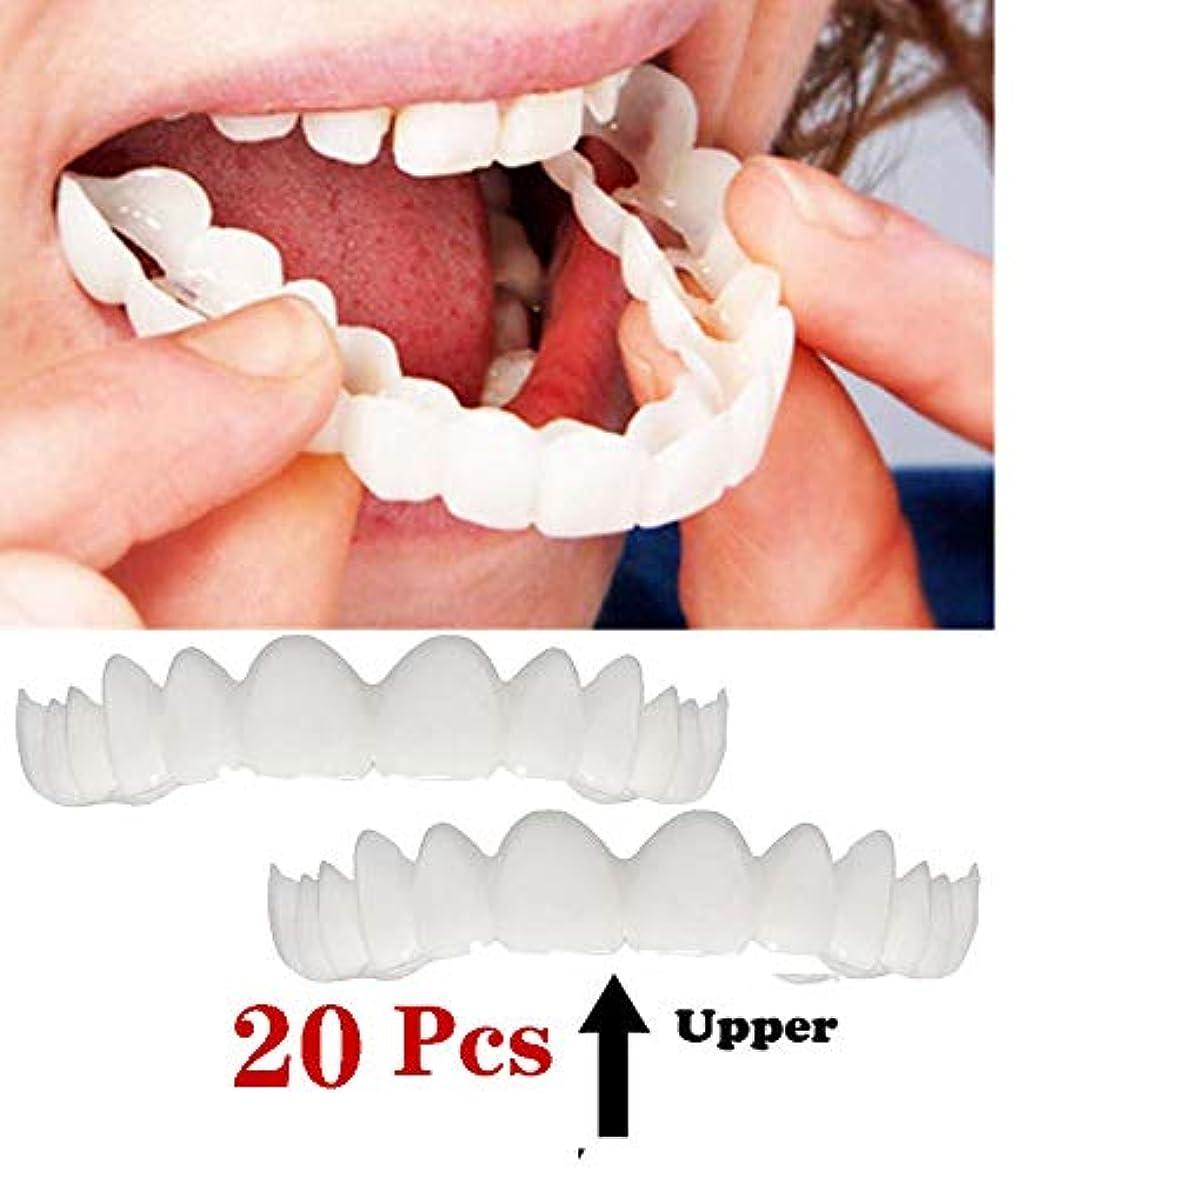 含意惨めな静脈笑顔の義歯フィットフレックス化粧品の歯快適なベニヤカバー歯のスナップを白くする笑顔の歯化粧品の義歯、化粧品の歯20個